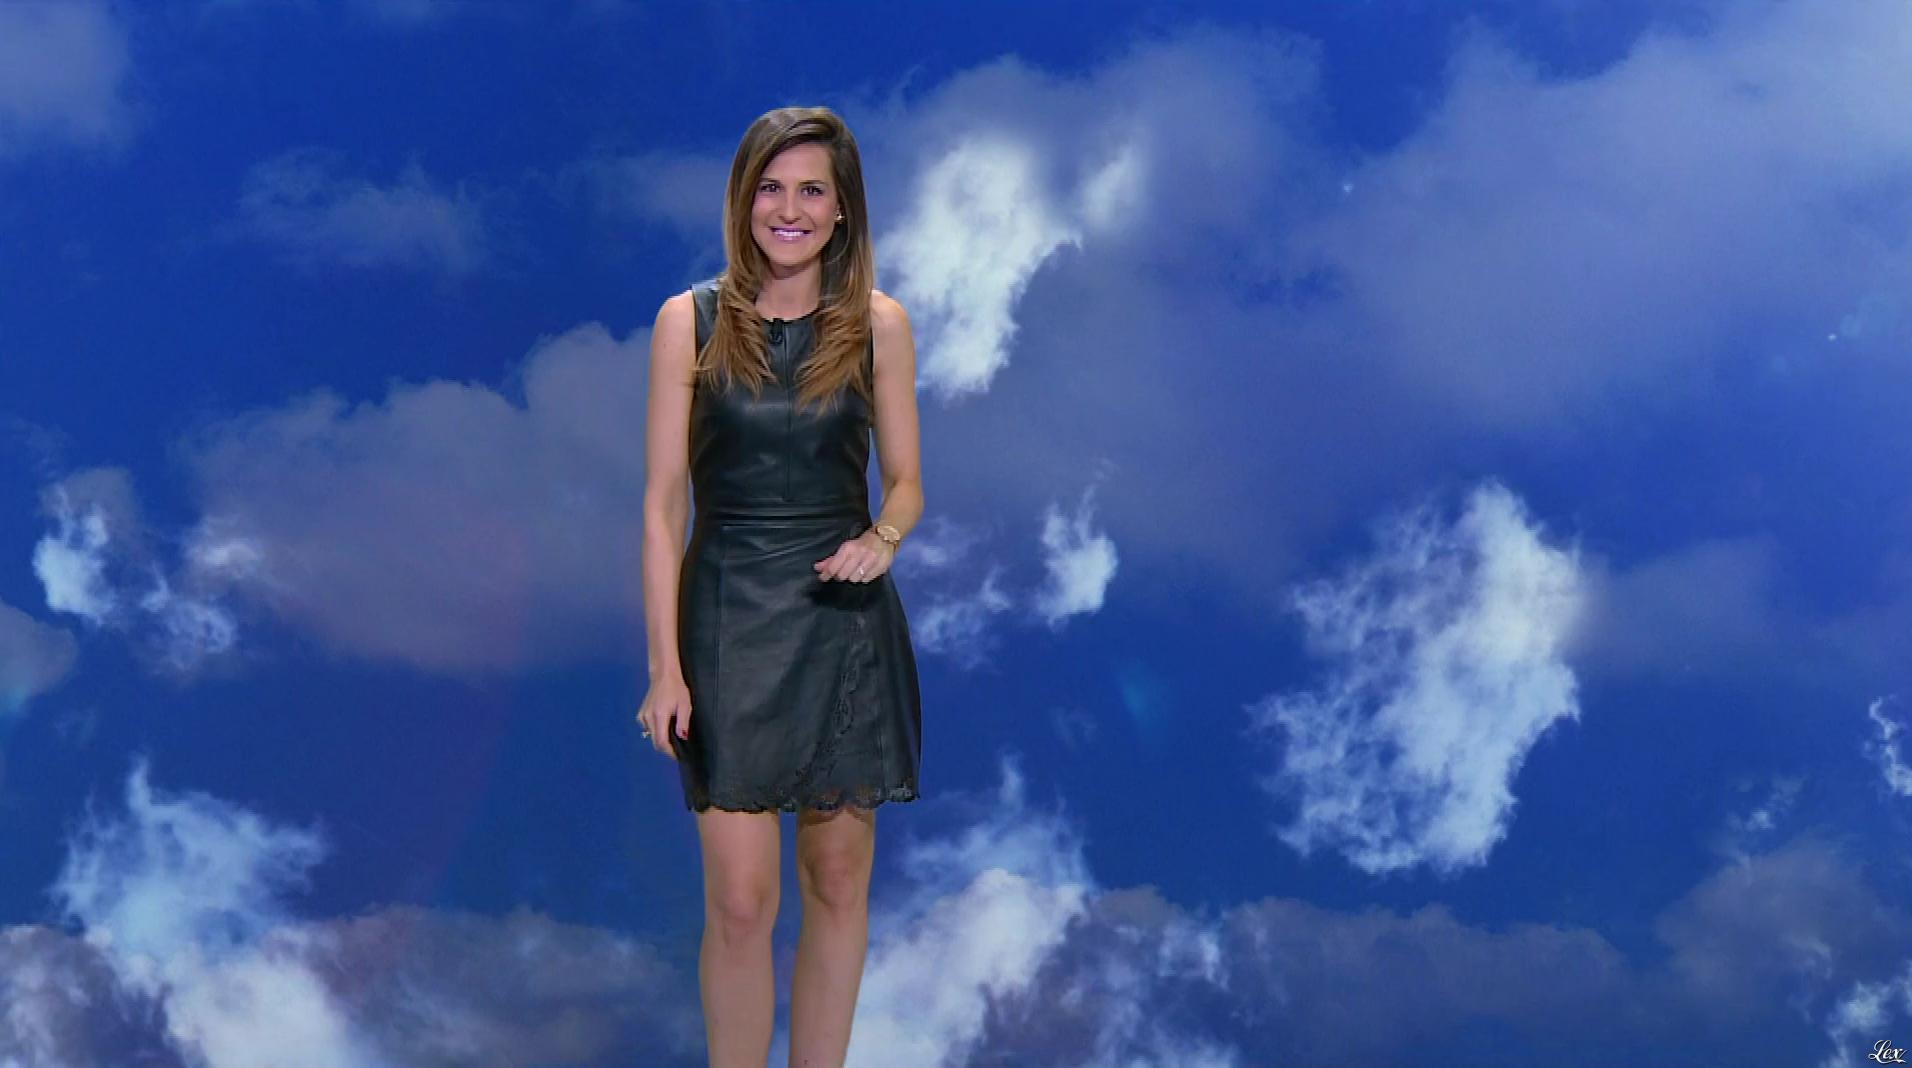 Daniela Prepeliuc à la Météo de BFM TV. Diffusé à la télévision le 11/08/17.